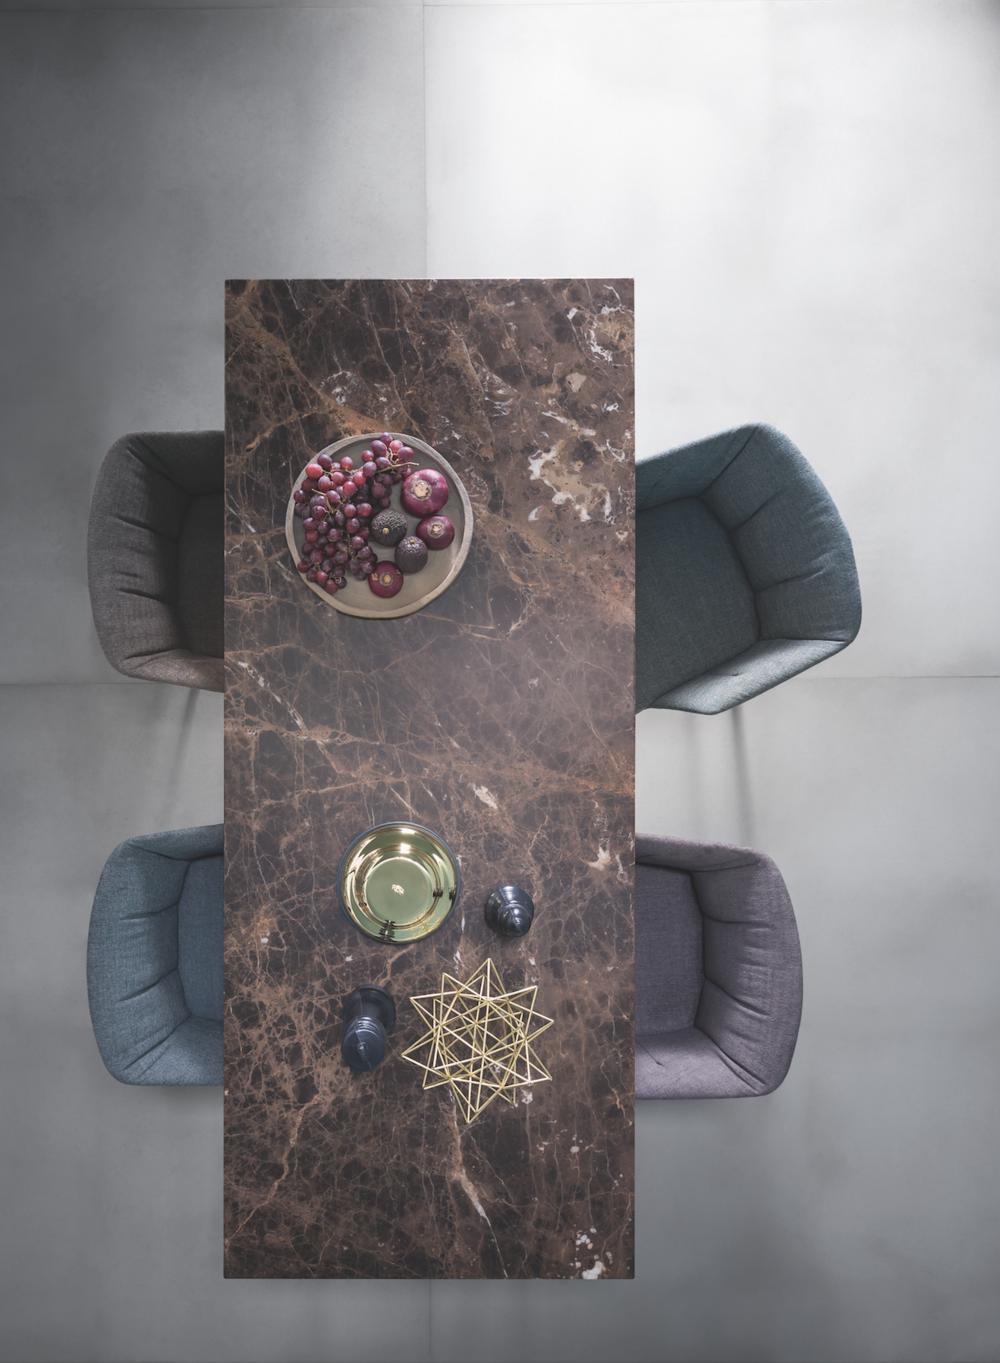 Zanotta bruin marmer tafel design meubelwinkel Leuven Zoutleeuw Antwerpen Gent.png